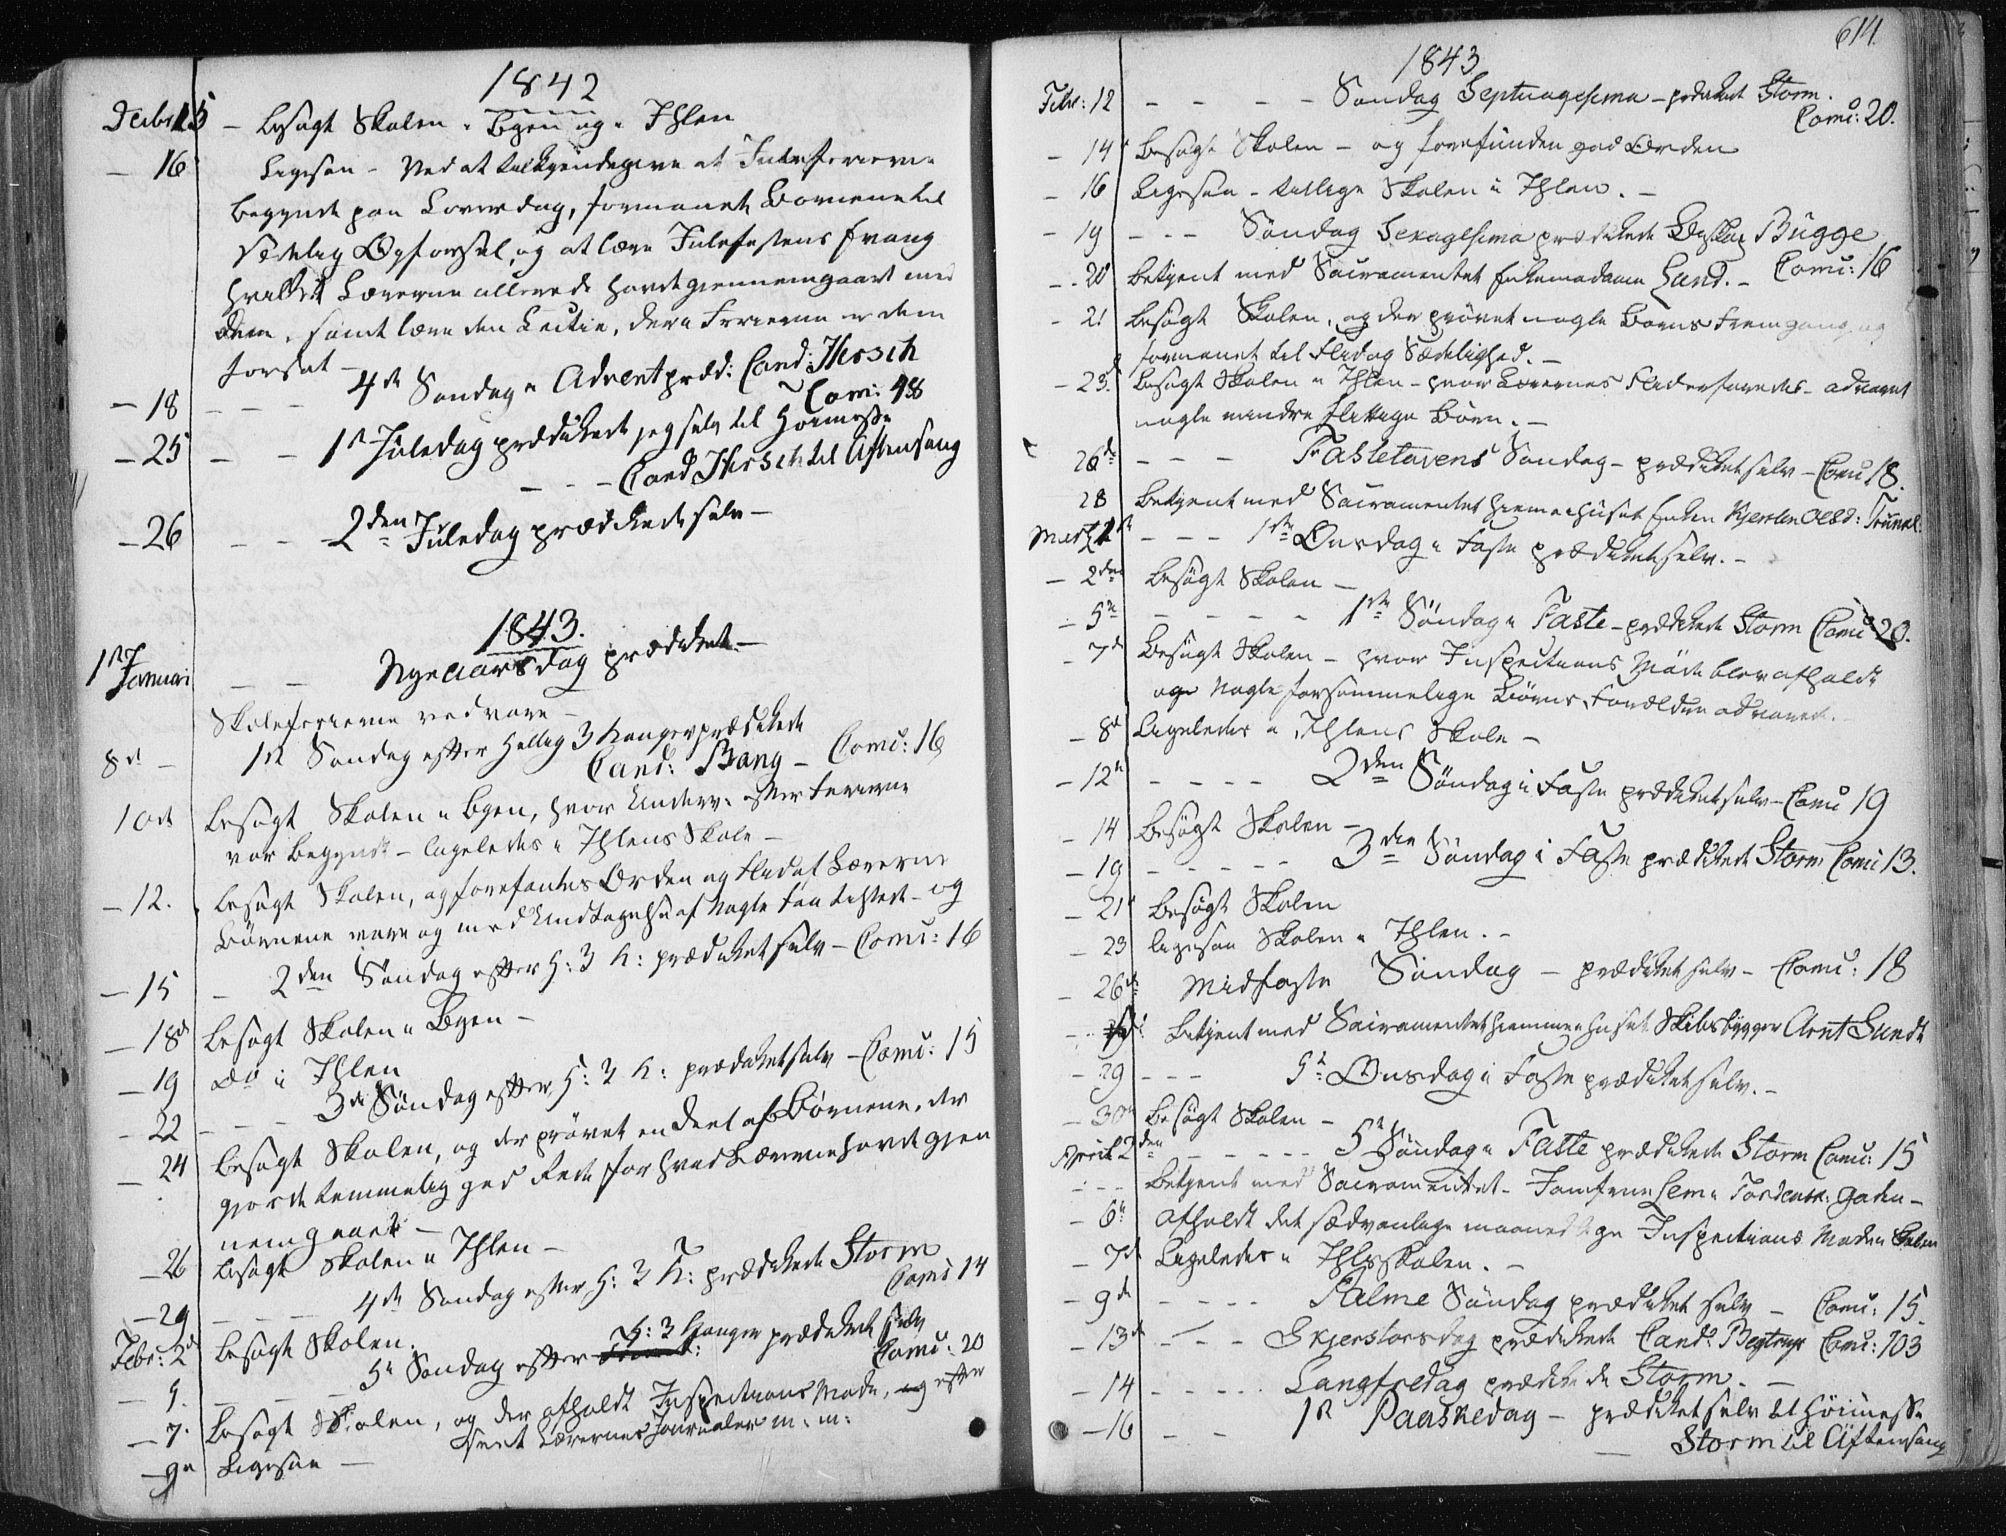 SAT, Ministerialprotokoller, klokkerbøker og fødselsregistre - Sør-Trøndelag, 601/L0049: Ministerialbok nr. 601A17, 1839-1847, s. 614